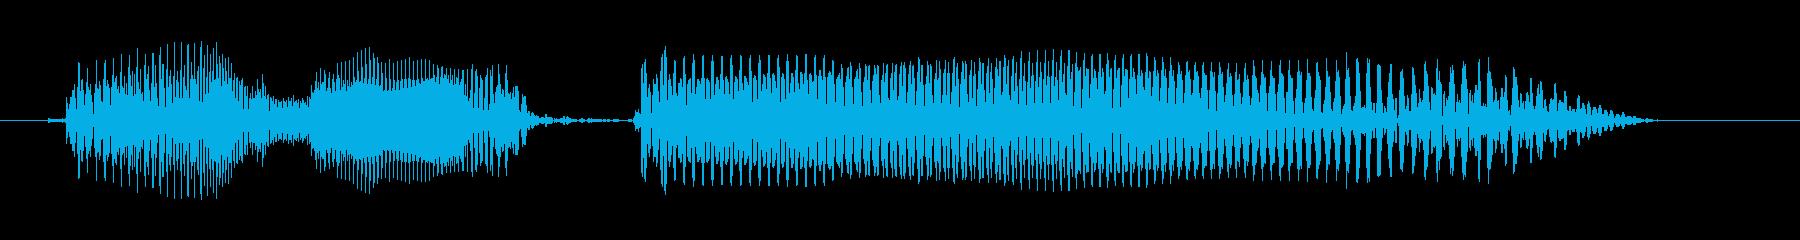 シニア女性B:わからないの再生済みの波形